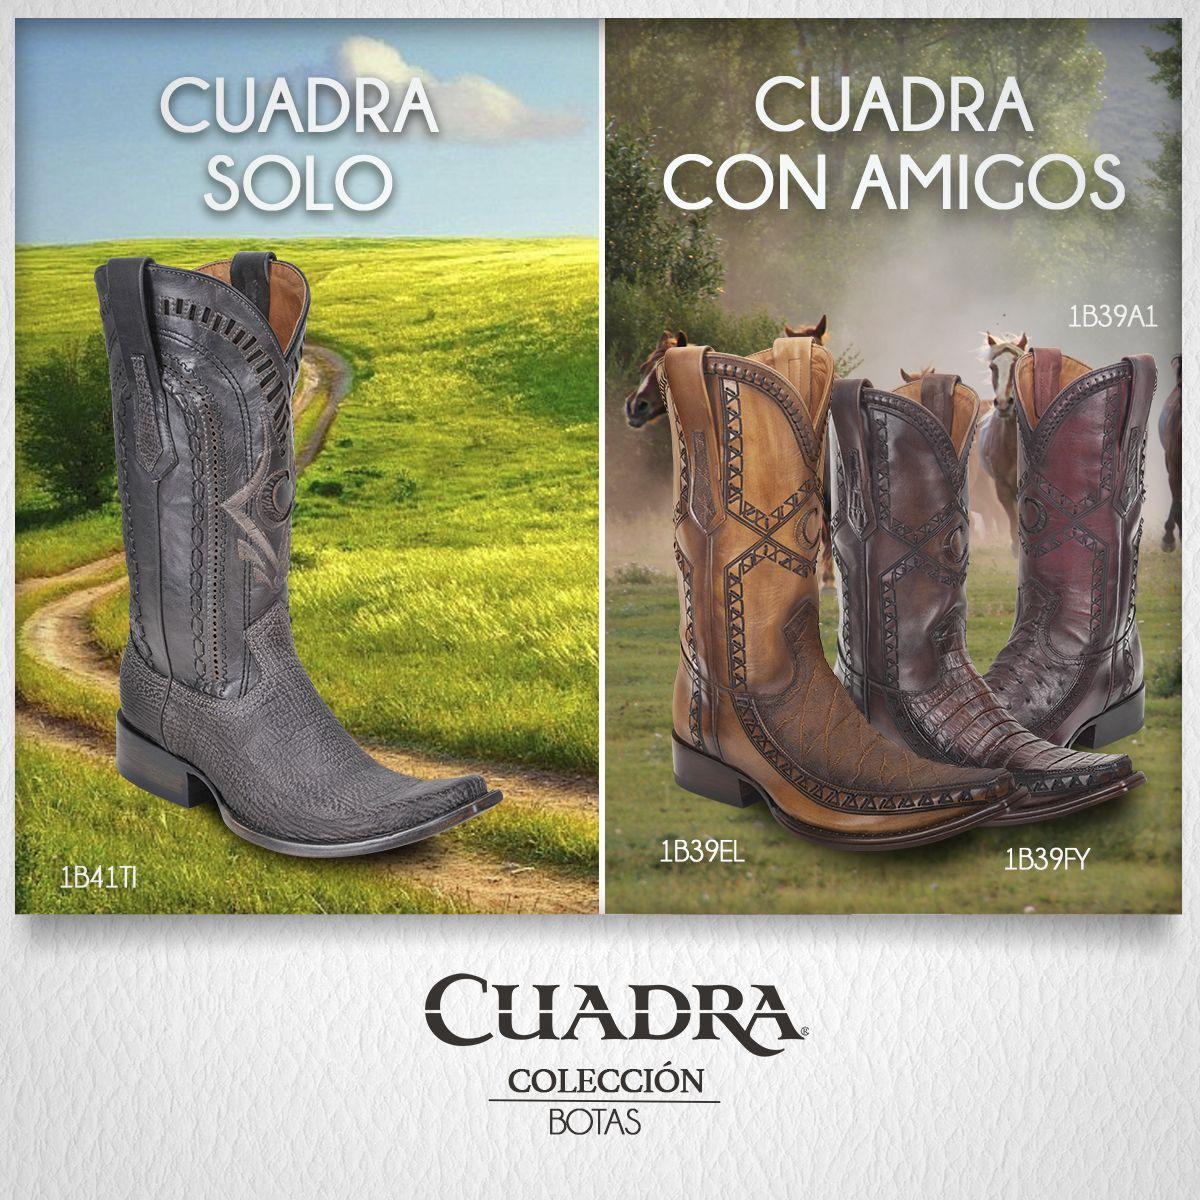 Botas de avestruz color gris ropa bolsas y calzado en mercadolibre -  Cuadra Boots Botas Leather Exotic